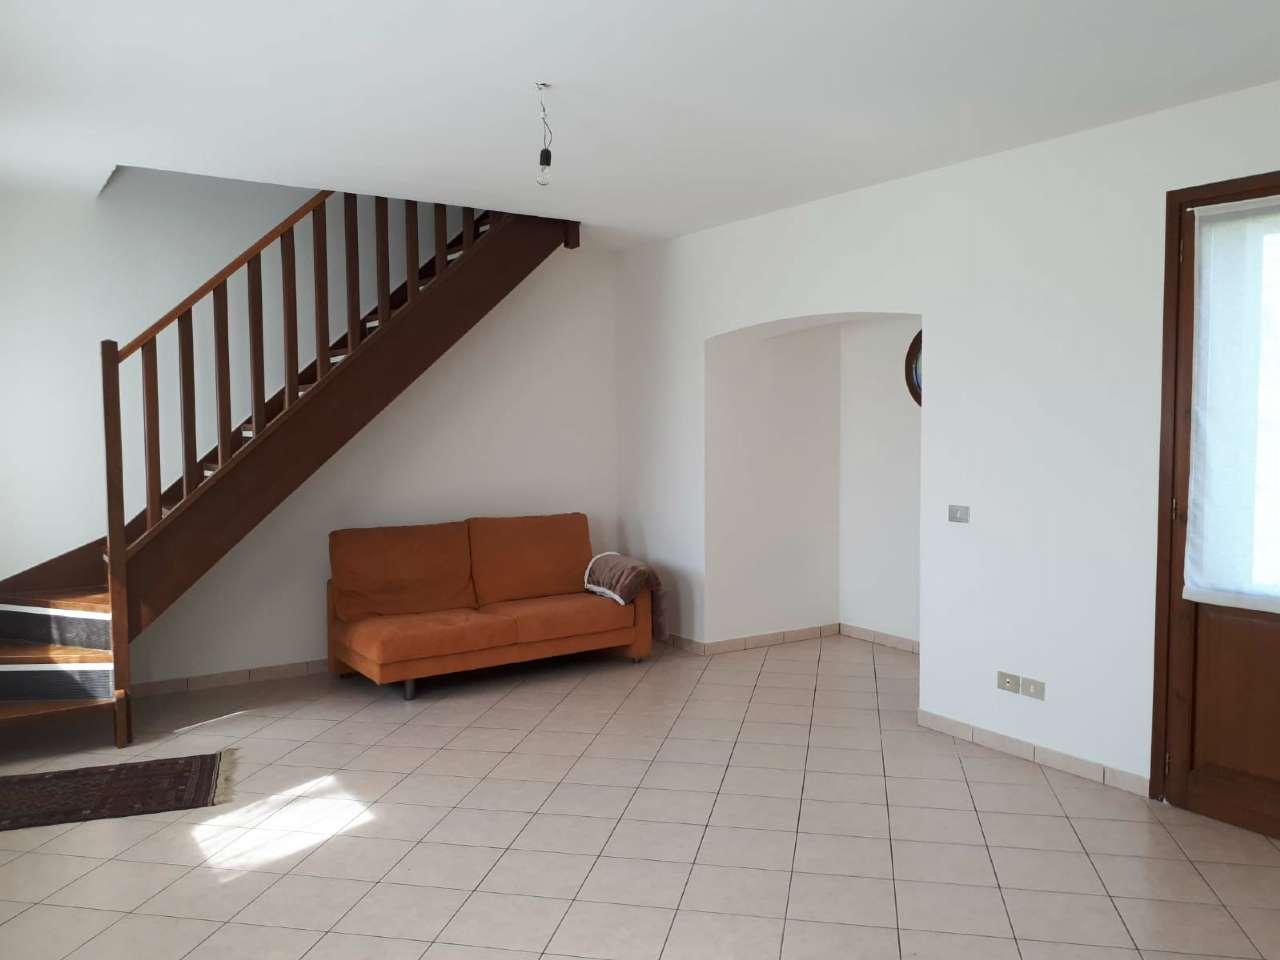 Soluzione Semindipendente in affitto a Oderzo, 3 locali, prezzo € 600 | CambioCasa.it